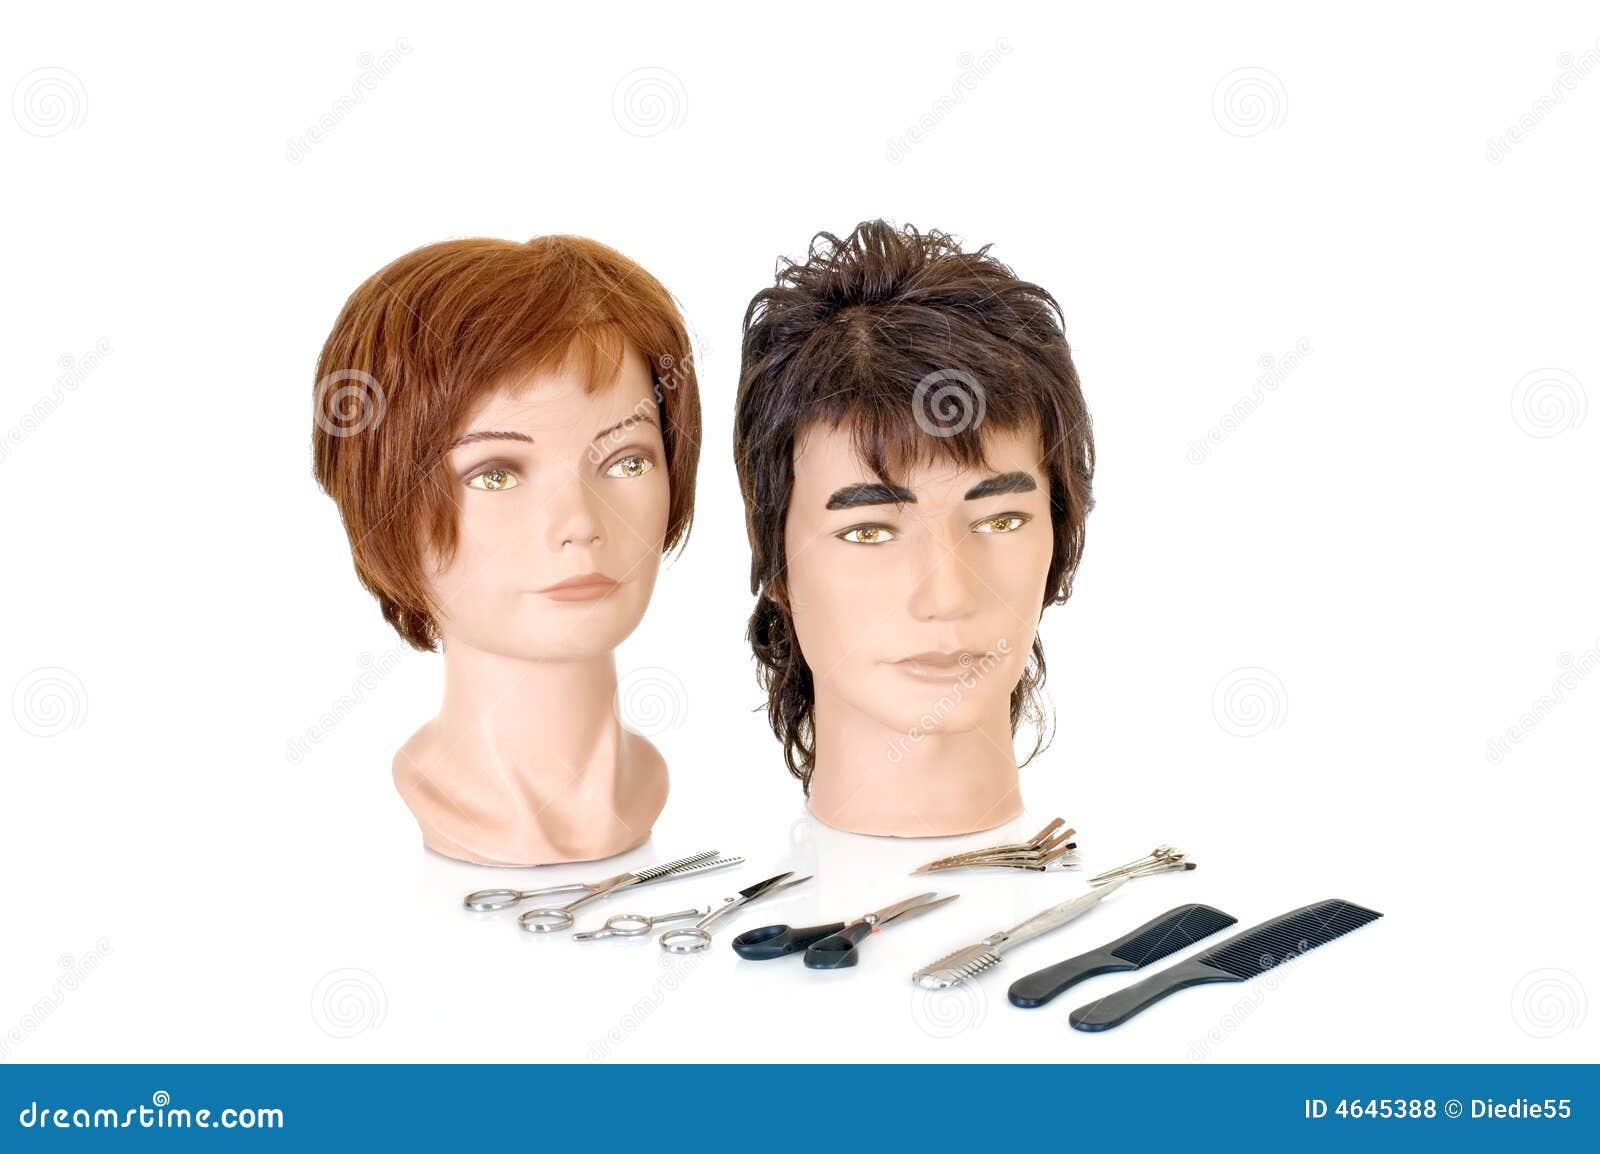 Modelando as cabeças